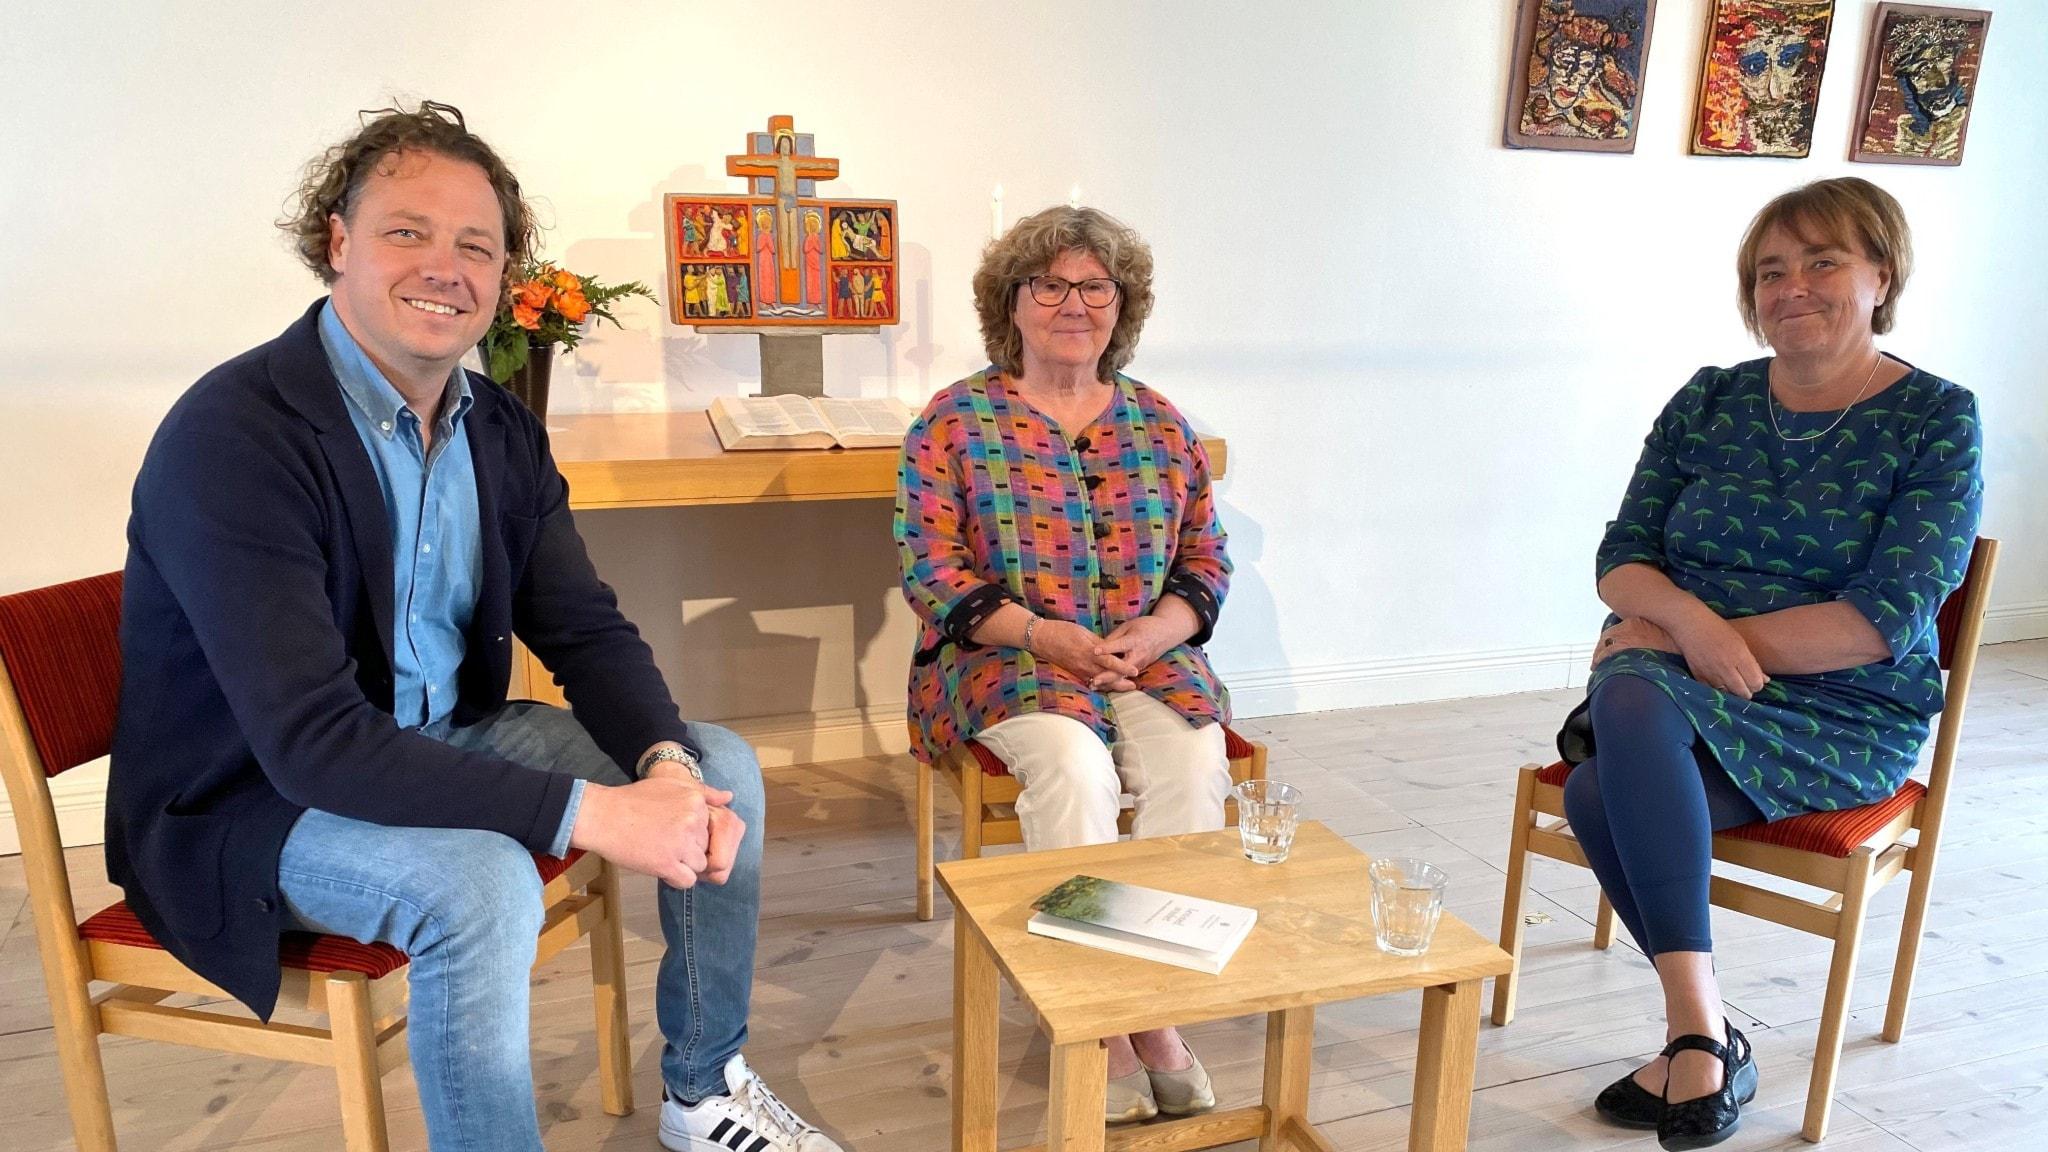 Tre personer i en kyrkolokal